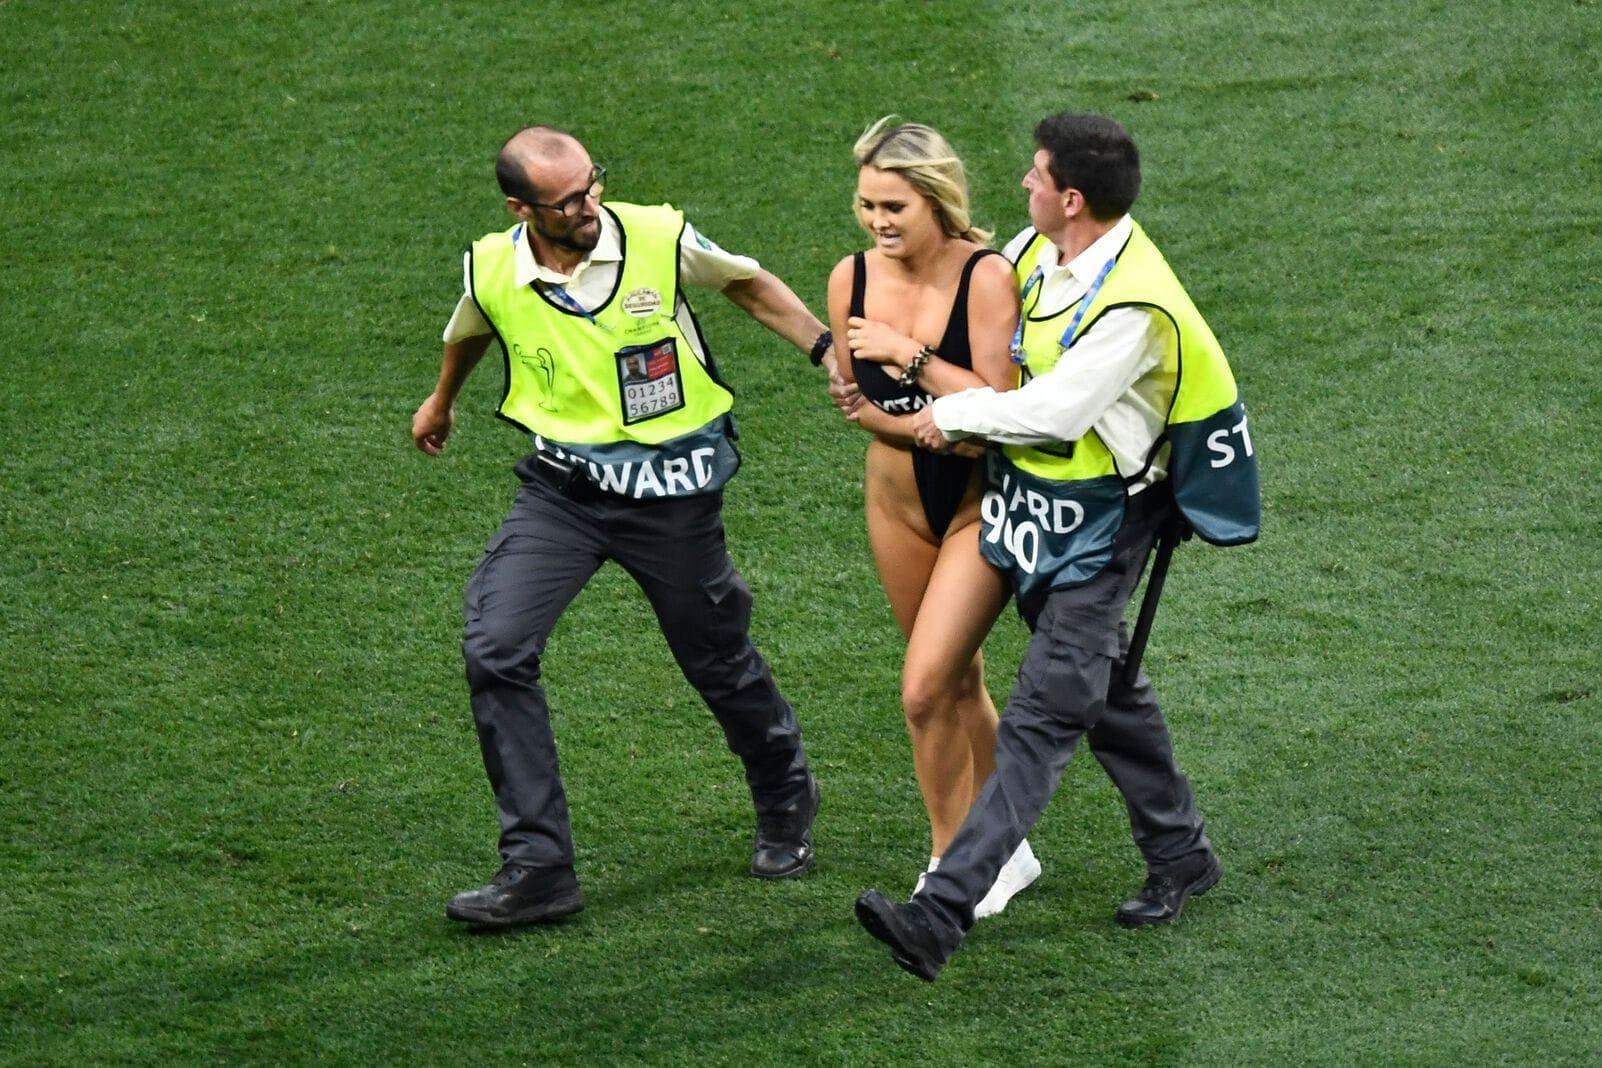 Ordner brachten die Blondine vom Platz. Foto: AFP/Oscar del Pozo